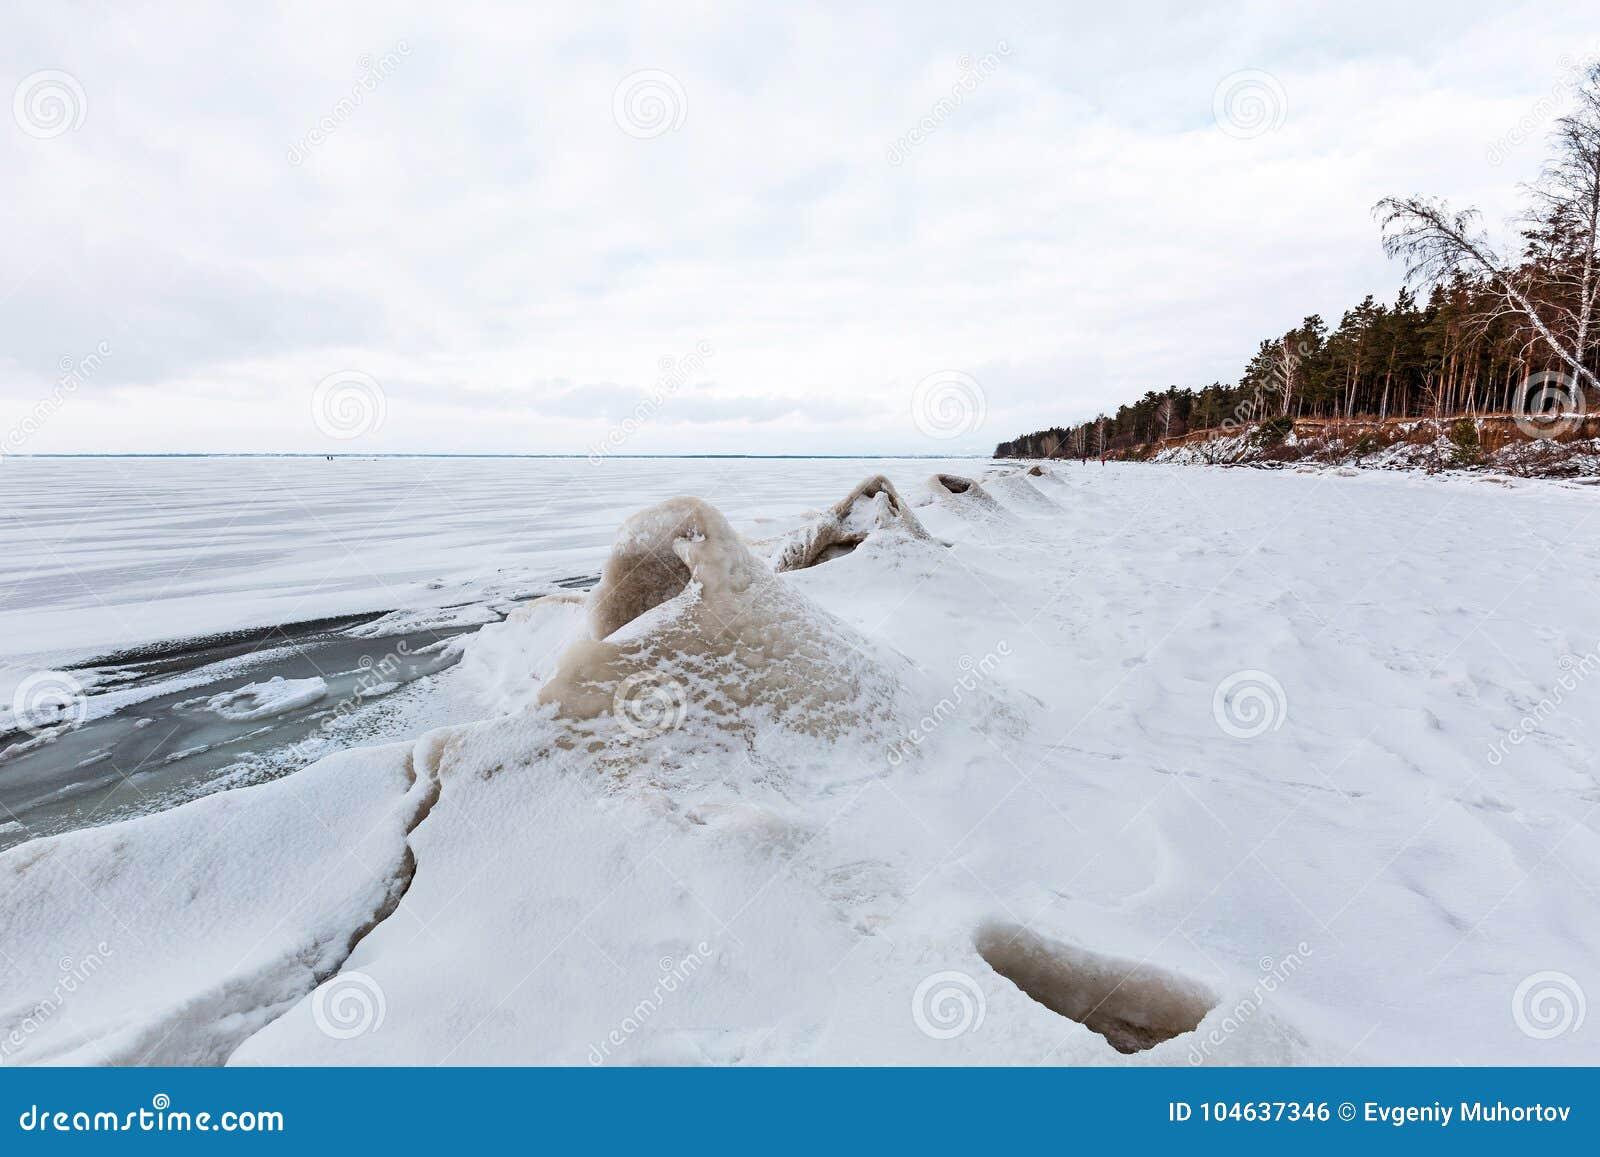 Download De Winterlandschap Met Ijsheuveltjes Op De Rivier De Ob-Rivier, S Stock Foto - Afbeelding bestaande uit seizoenen, koude: 104637346